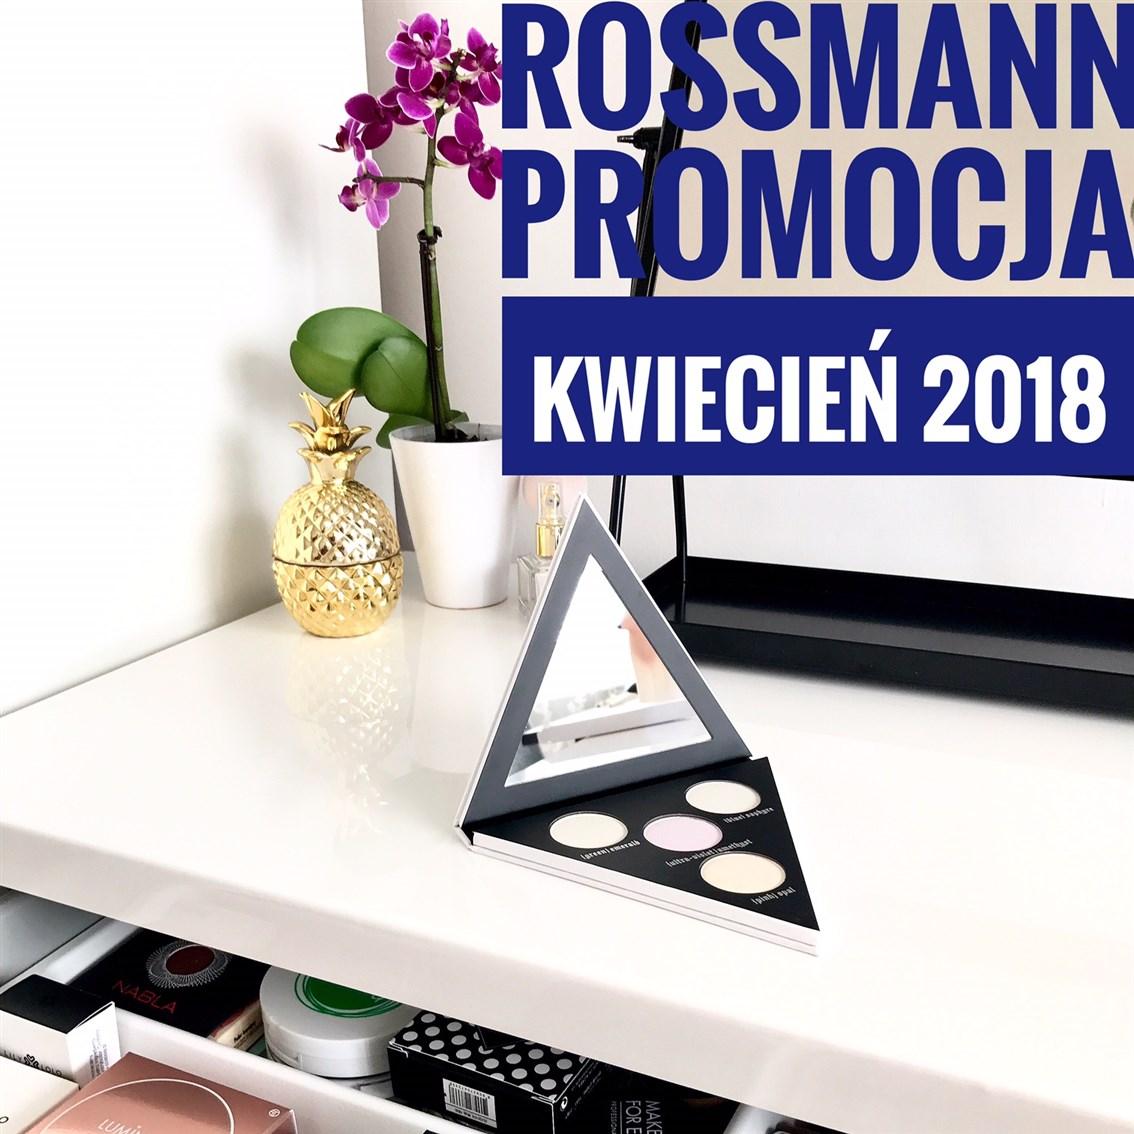 zdjęcie informujące o promocji w Rossmannie -49 procent i -55 procent na kolorówkę w kwietniu 2018